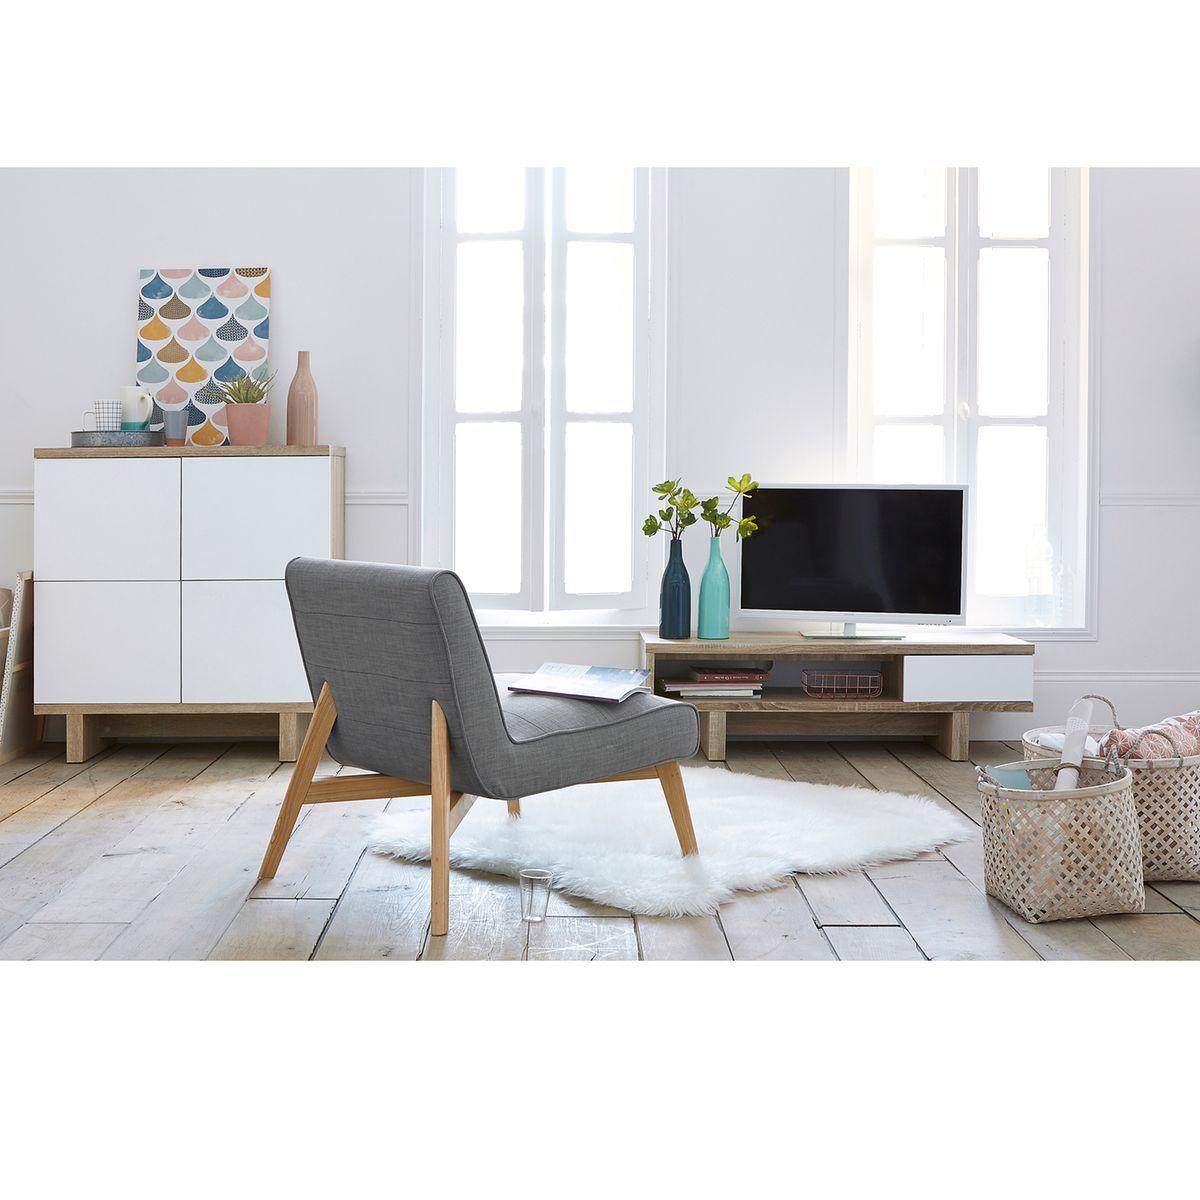 fauteuil jimi gris la redoute interieurs la redoute. Black Bedroom Furniture Sets. Home Design Ideas